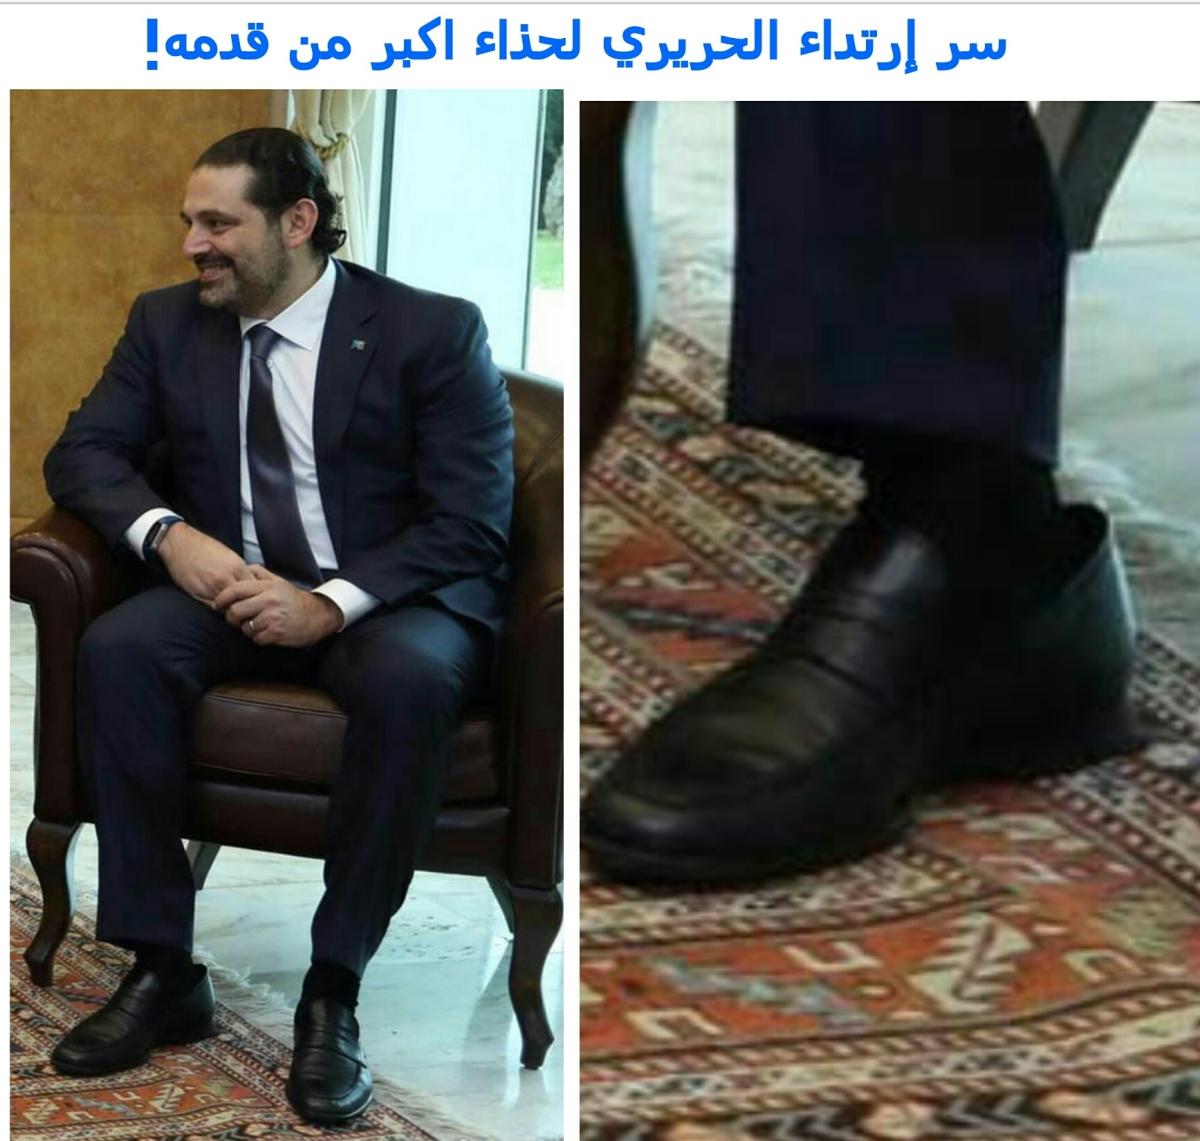 سر إرتداء الحريري لحذاء اكبر من قياس قدمه !